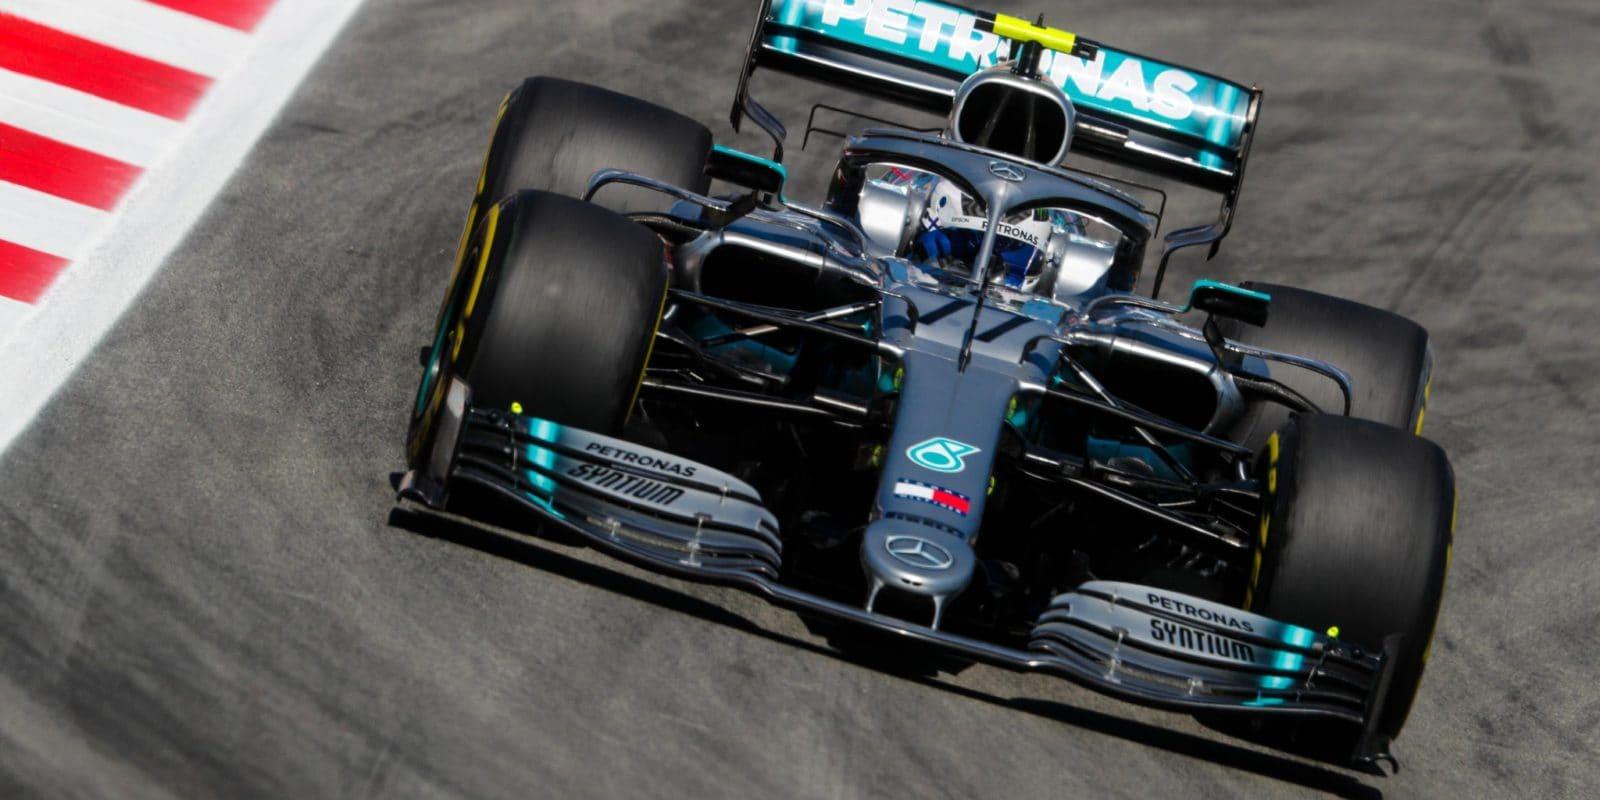 Odpoledne Bottas těsně před Hamiltonem, Ferrari ztrácí